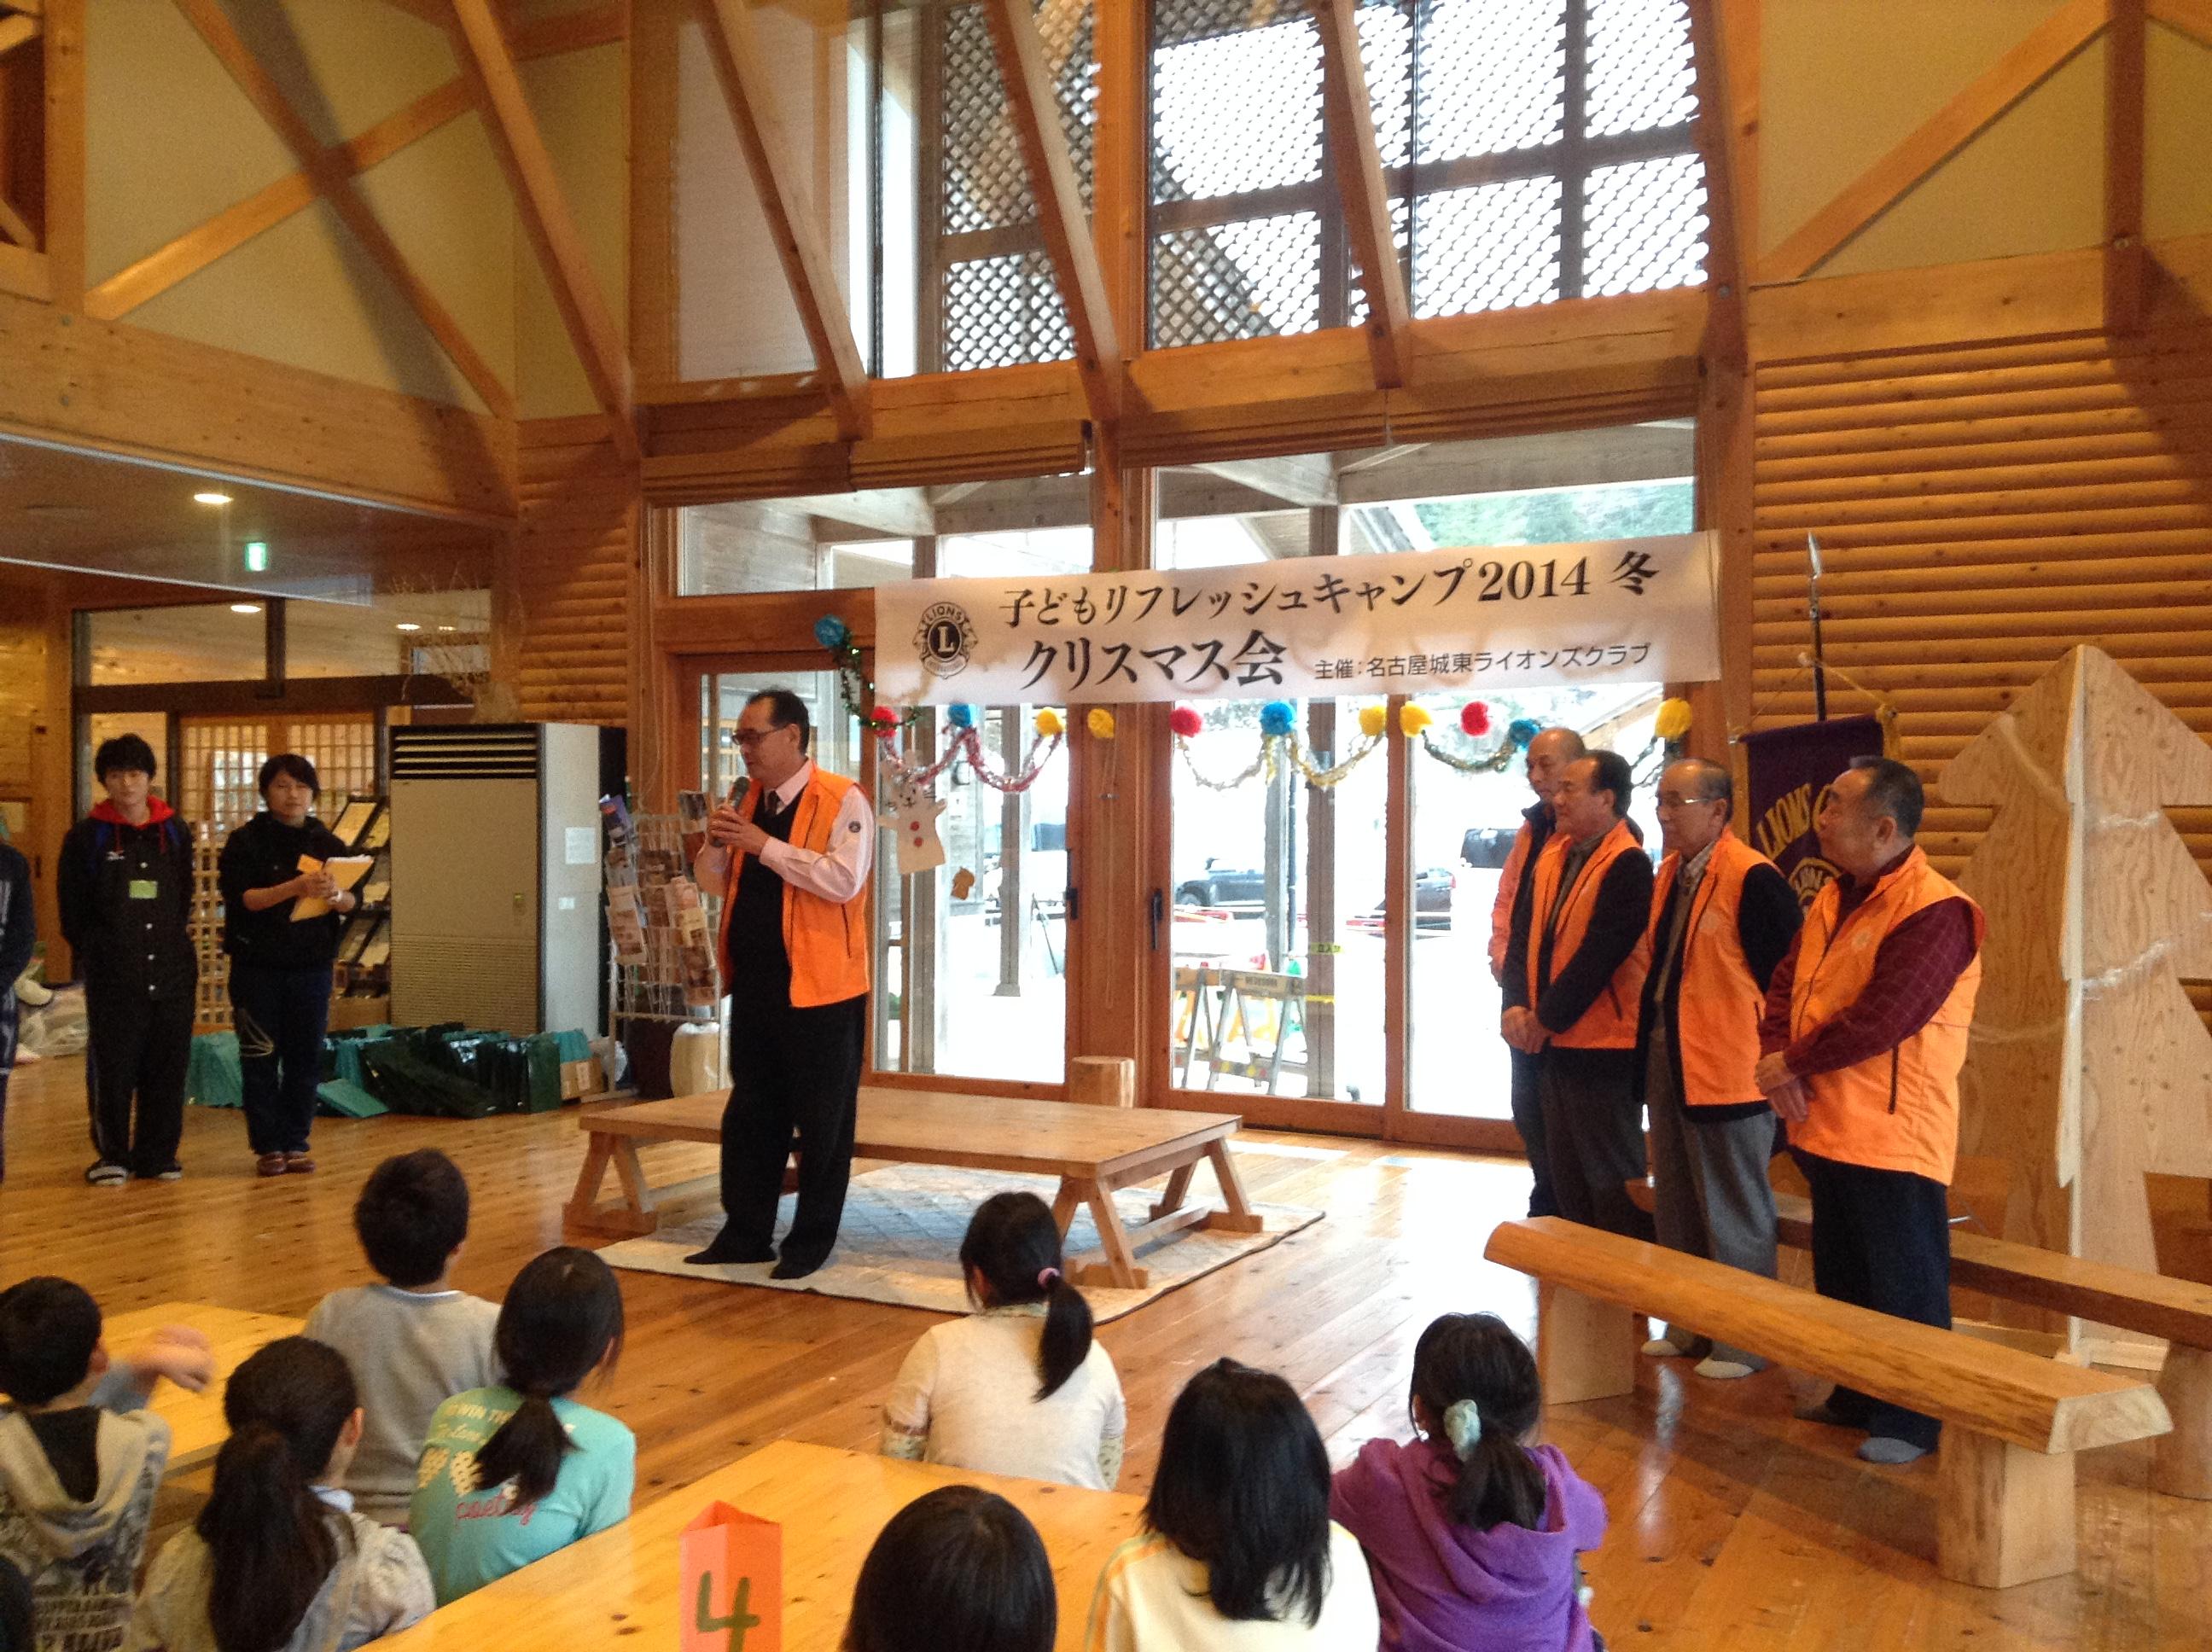 東日本大震災支援NPO主催のウィンターキャンプ会場にて